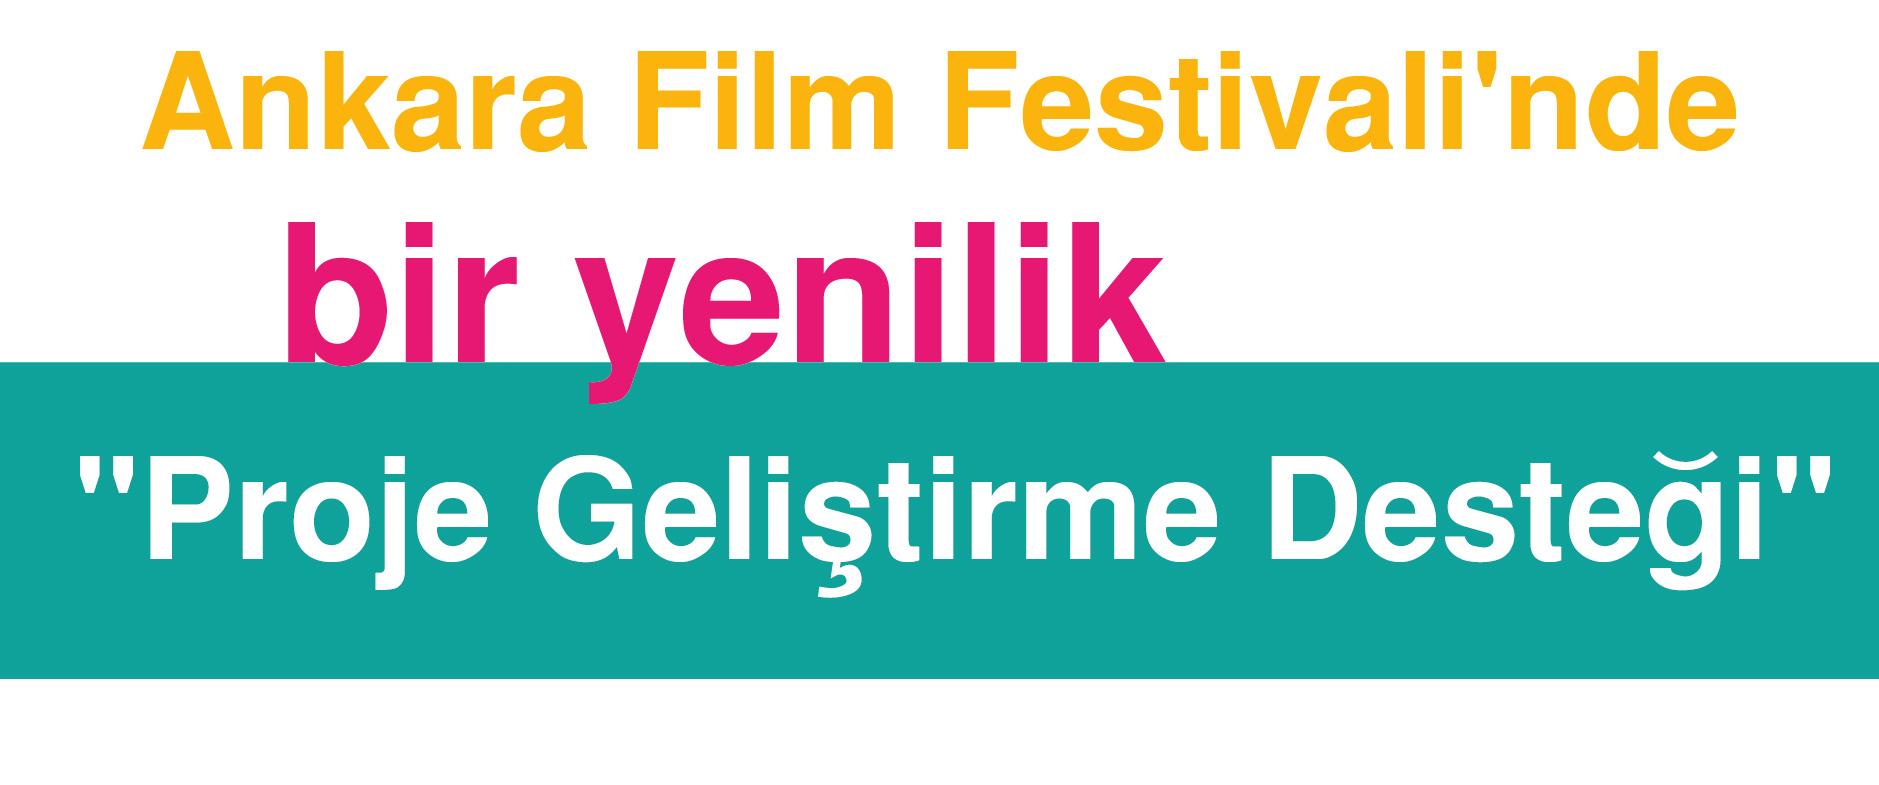 Festival, sinemacılara yol haritası çizecek!